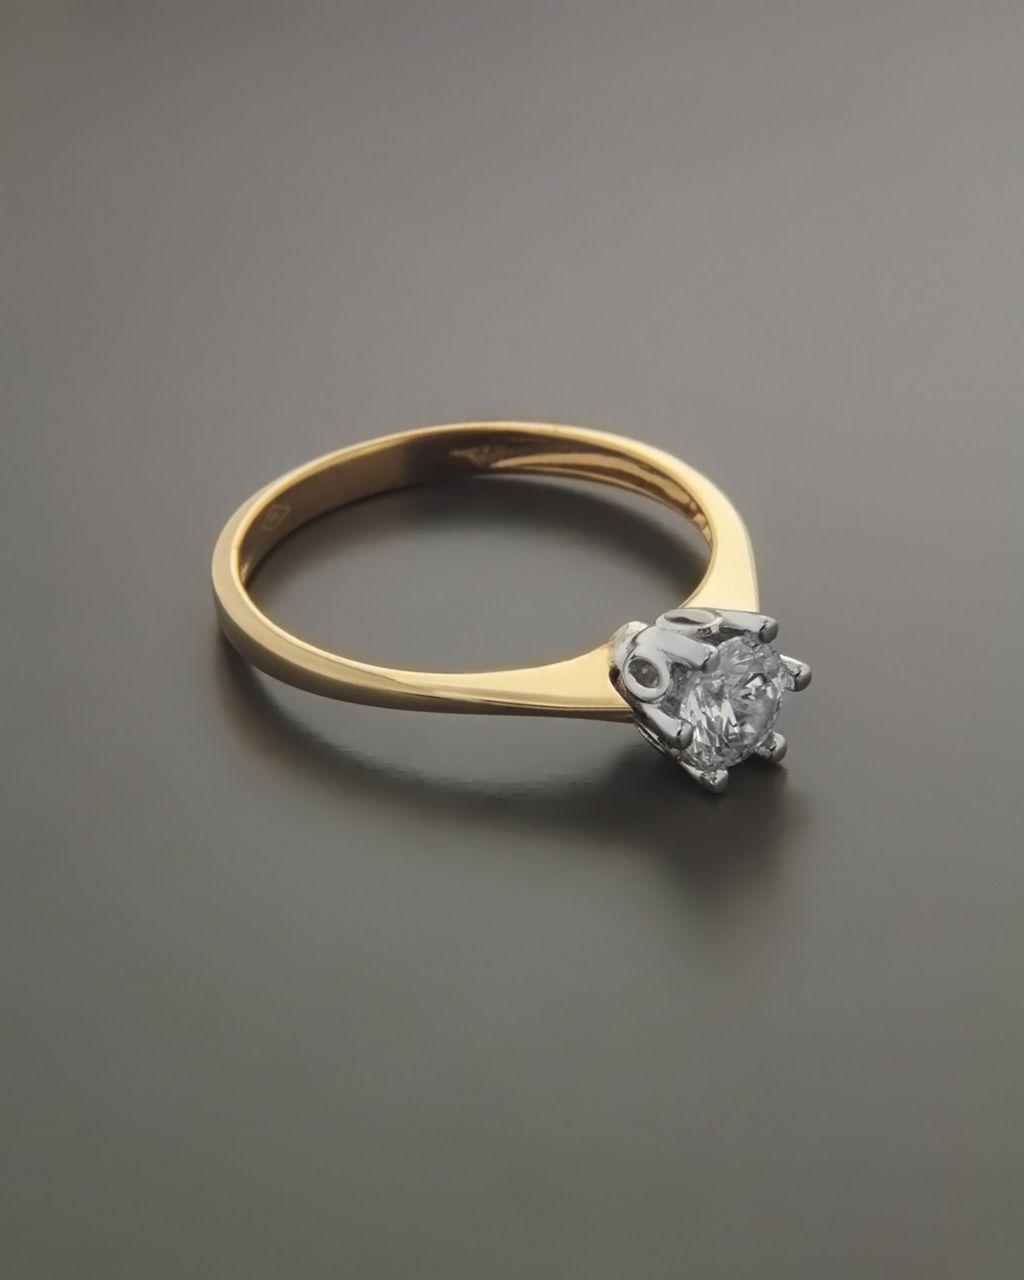 Μονόπετρο δαχτυλίδι ροζ χρυσό   λευκόχρυσο Κ14 με Ζιργκόν ... bb726c71f56